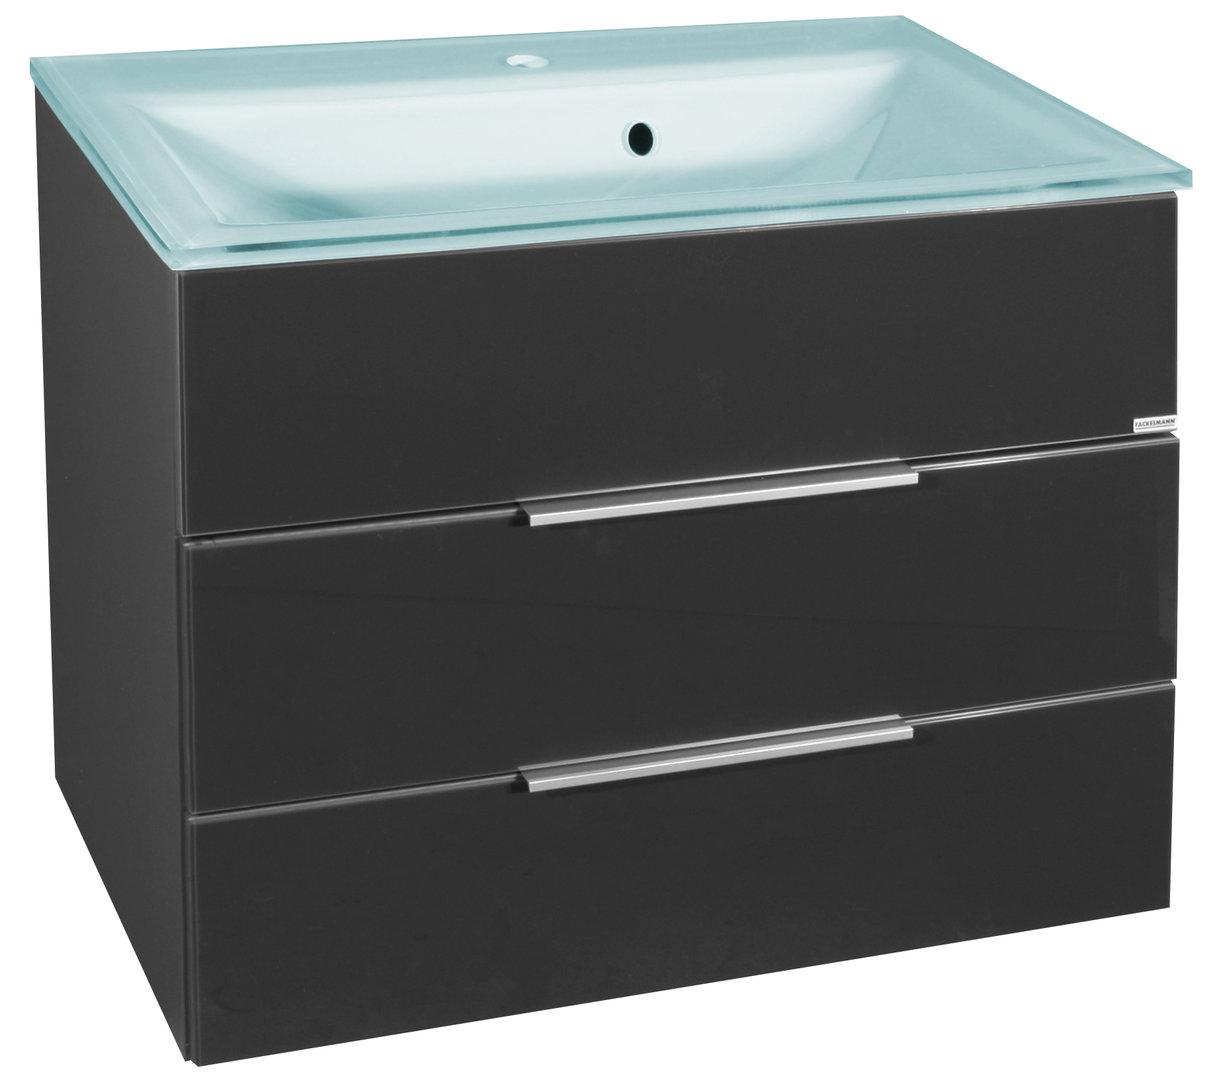 fackelmann kara waschtisch unterbau breite 80 cm farbe anthrazit. Black Bedroom Furniture Sets. Home Design Ideas